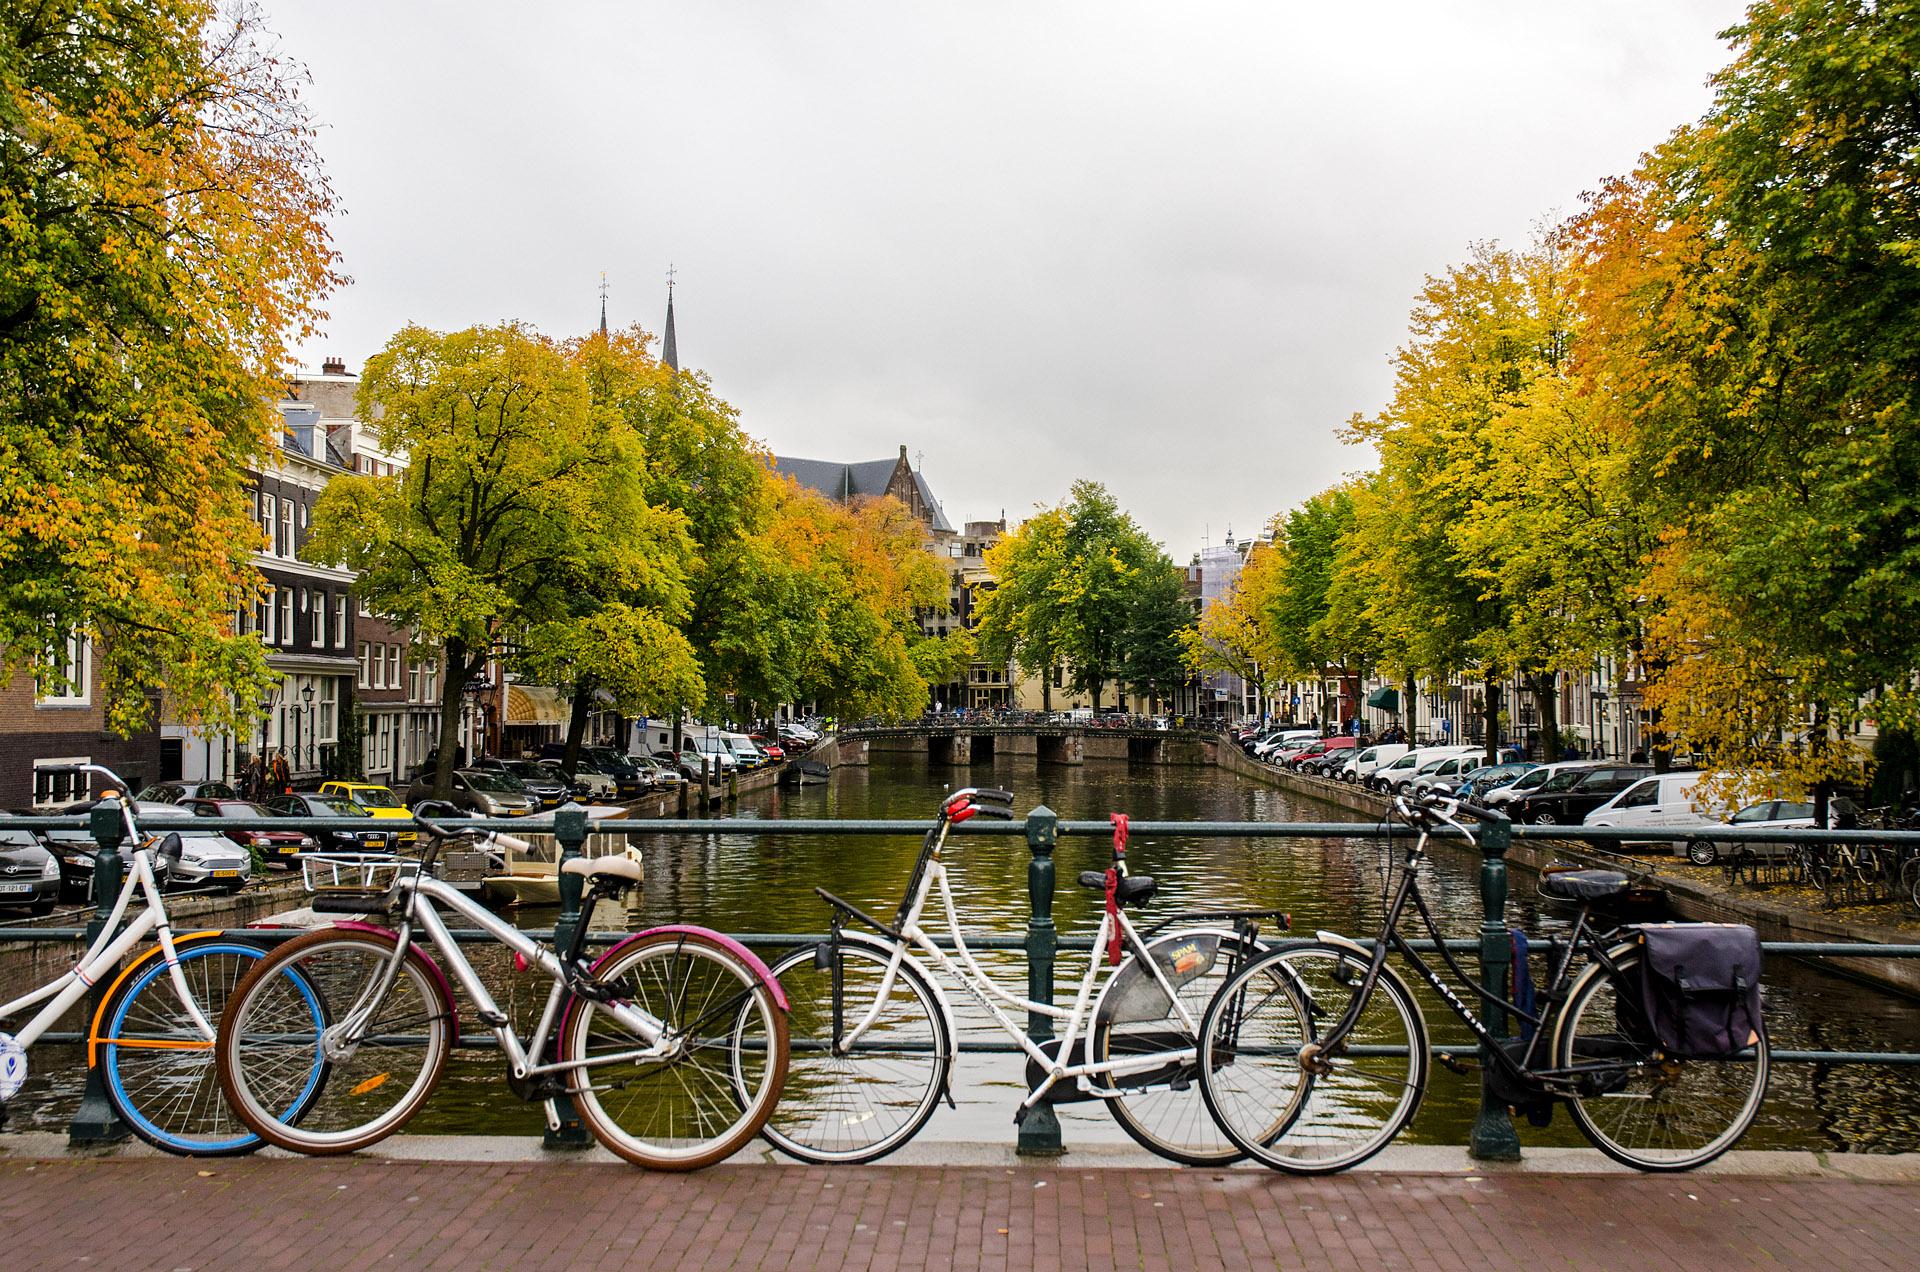 Herengracht (Gentlemen's Canal)